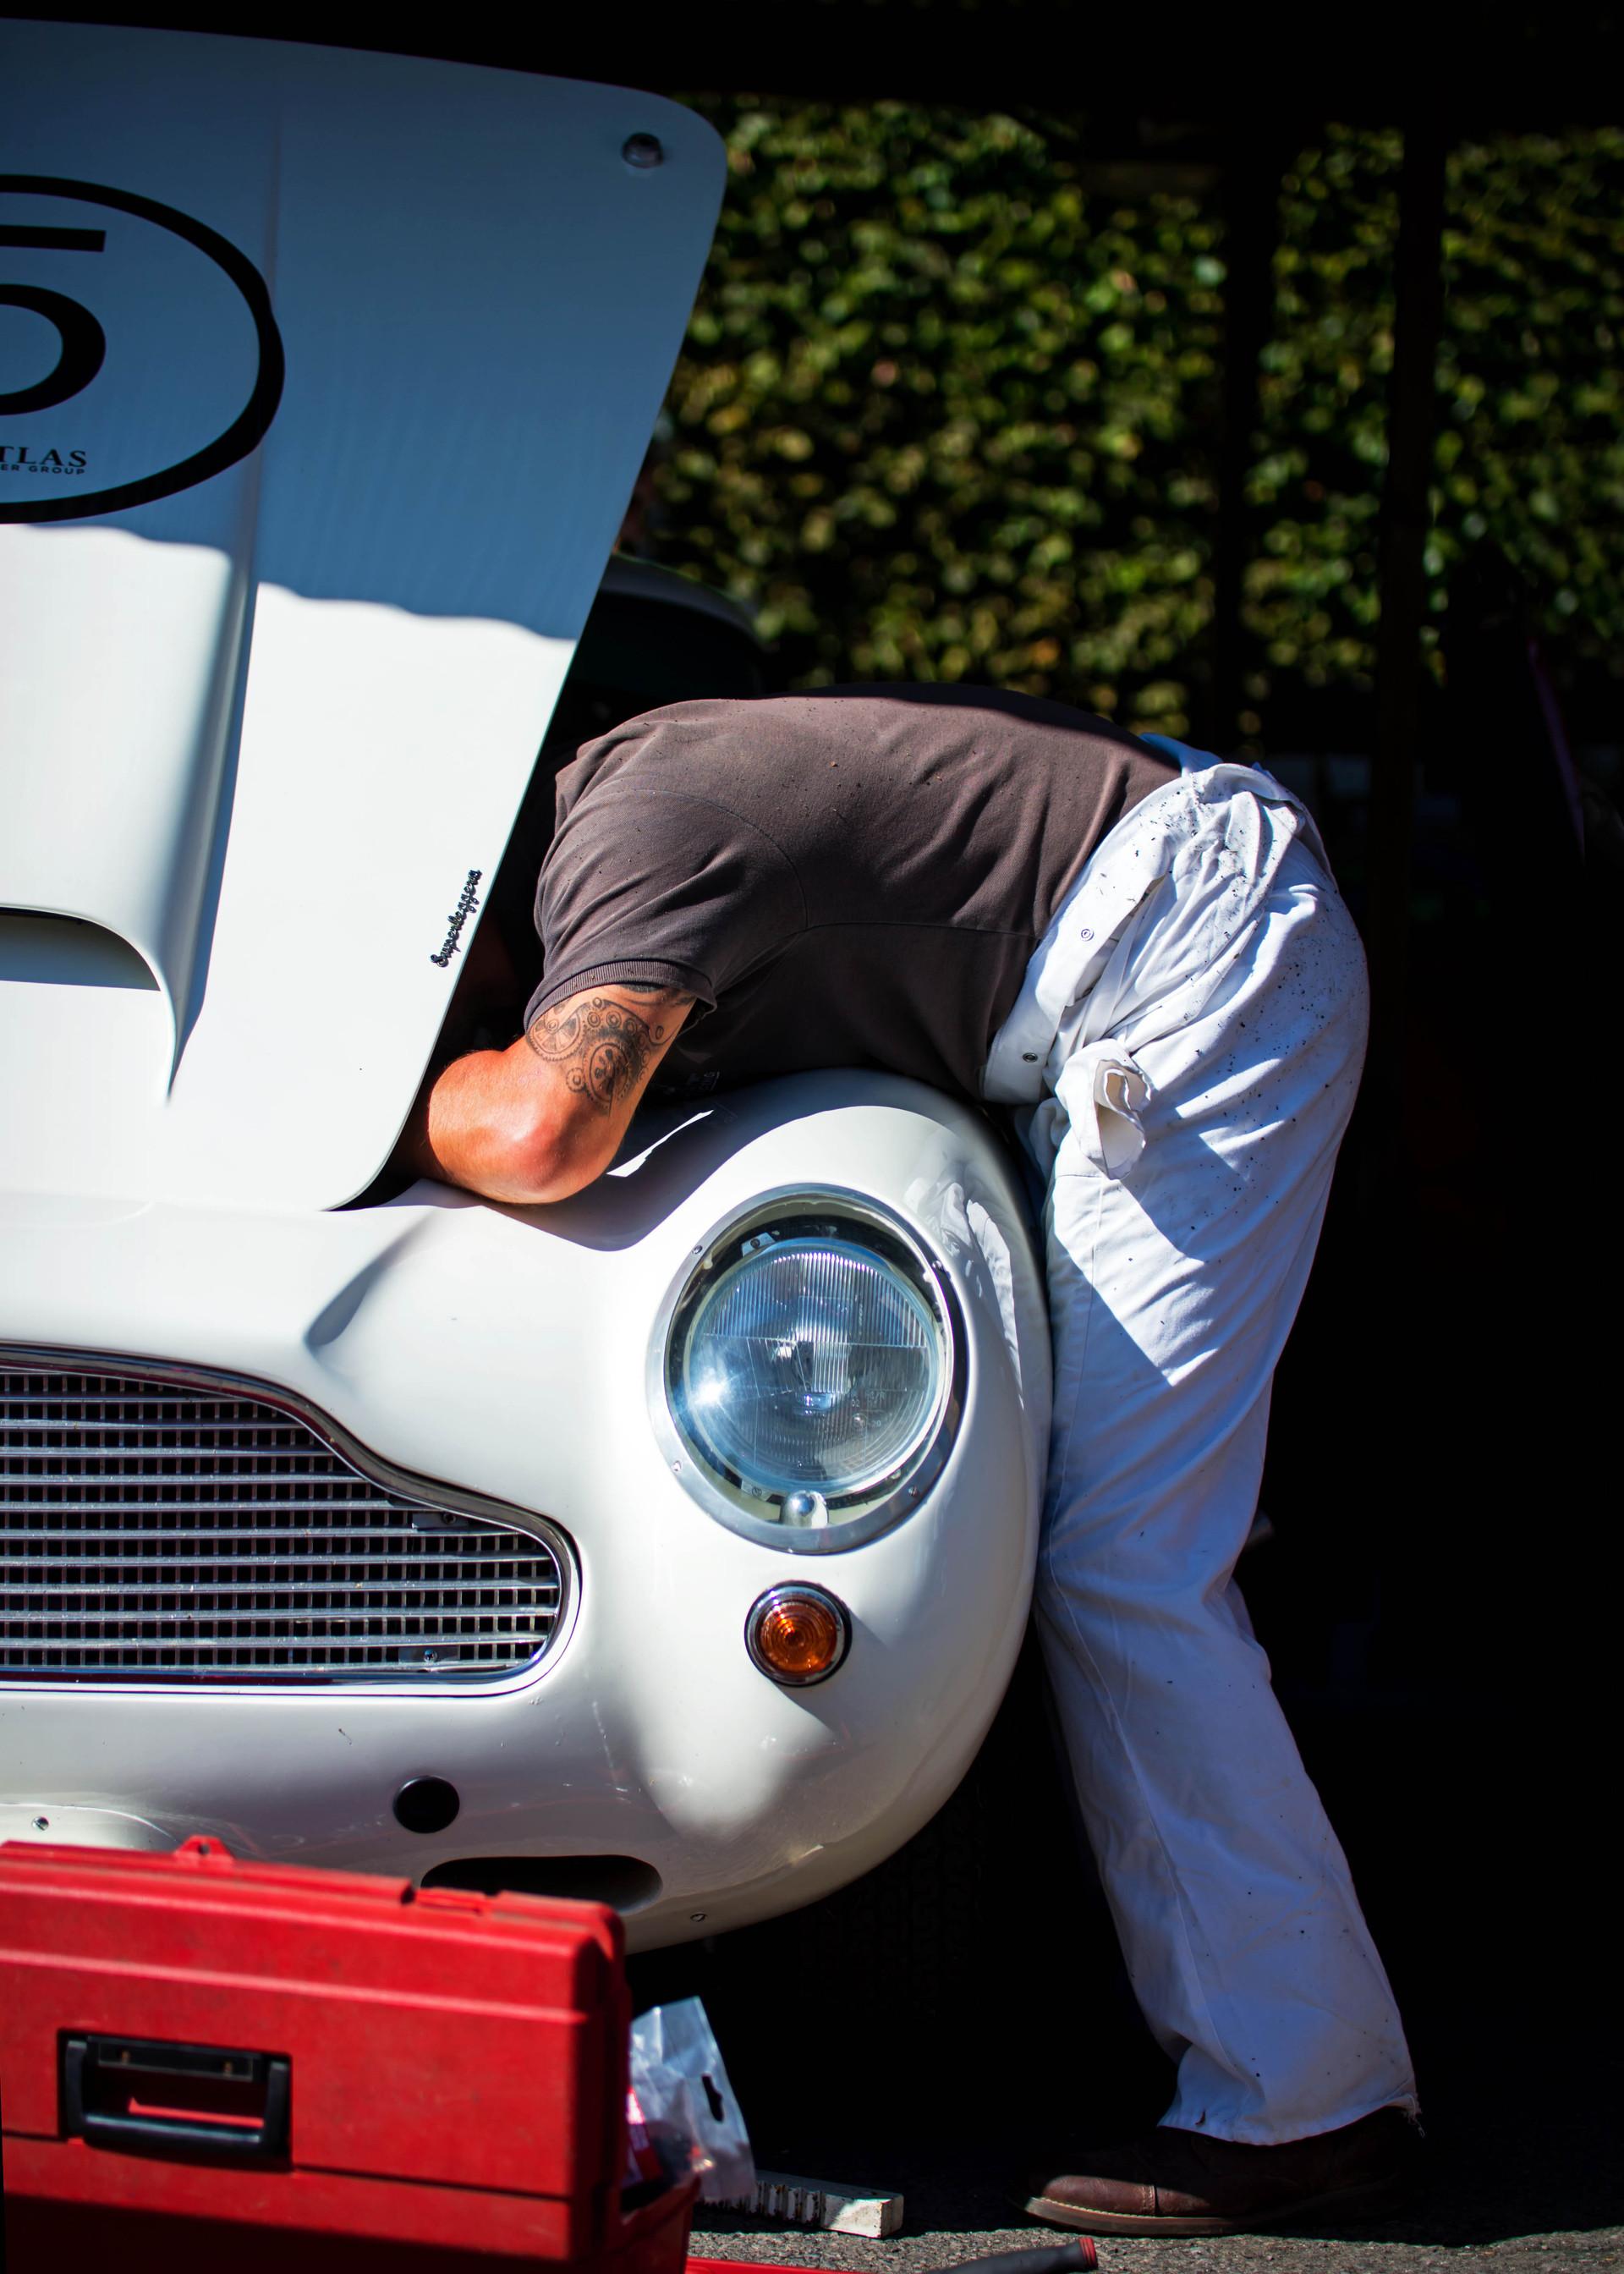 Tom Alexander & Adrian Willmott's 1960 Aston Martin DB4 GT